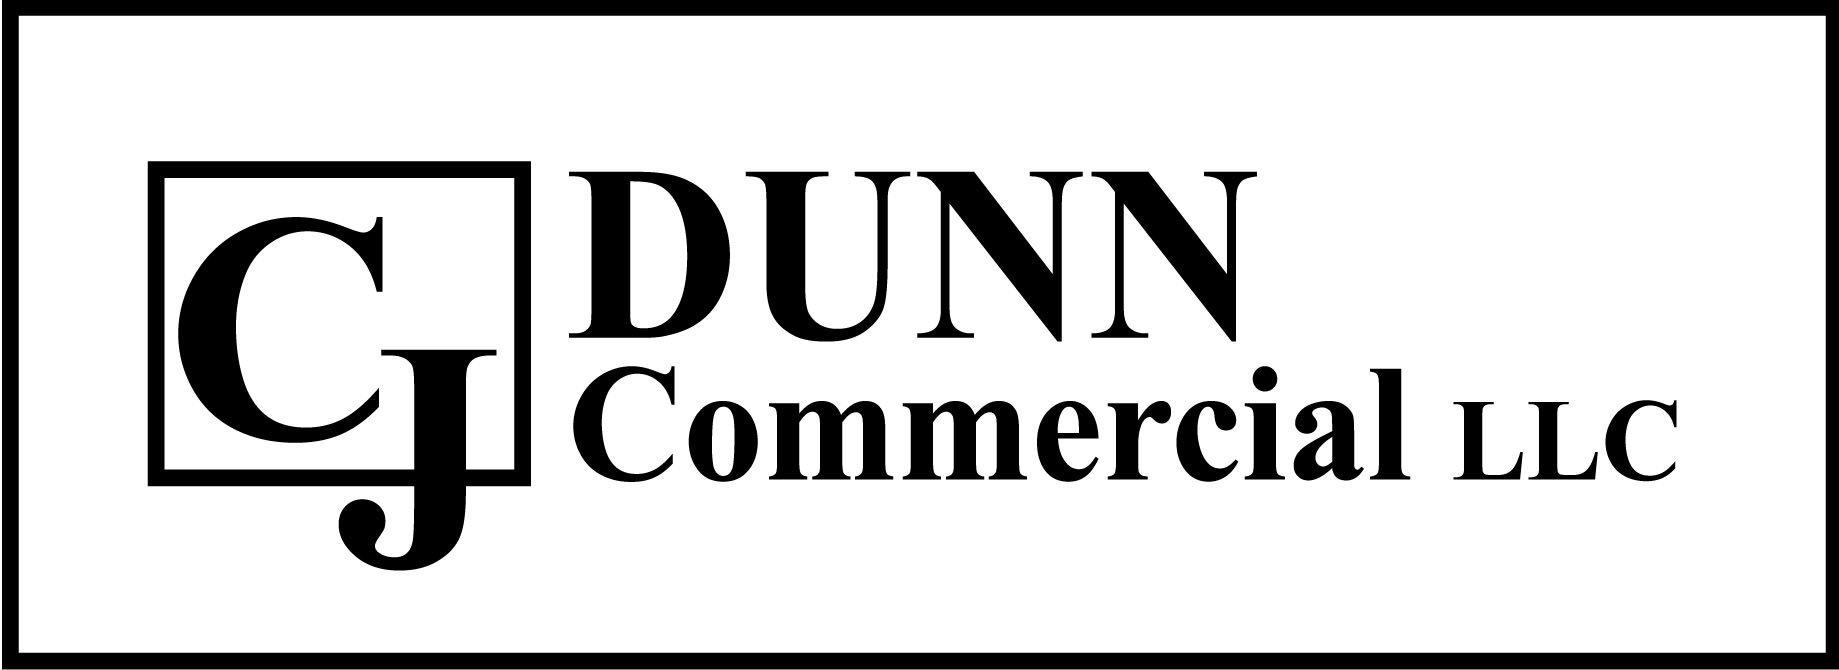 CJ Dunn Commercial